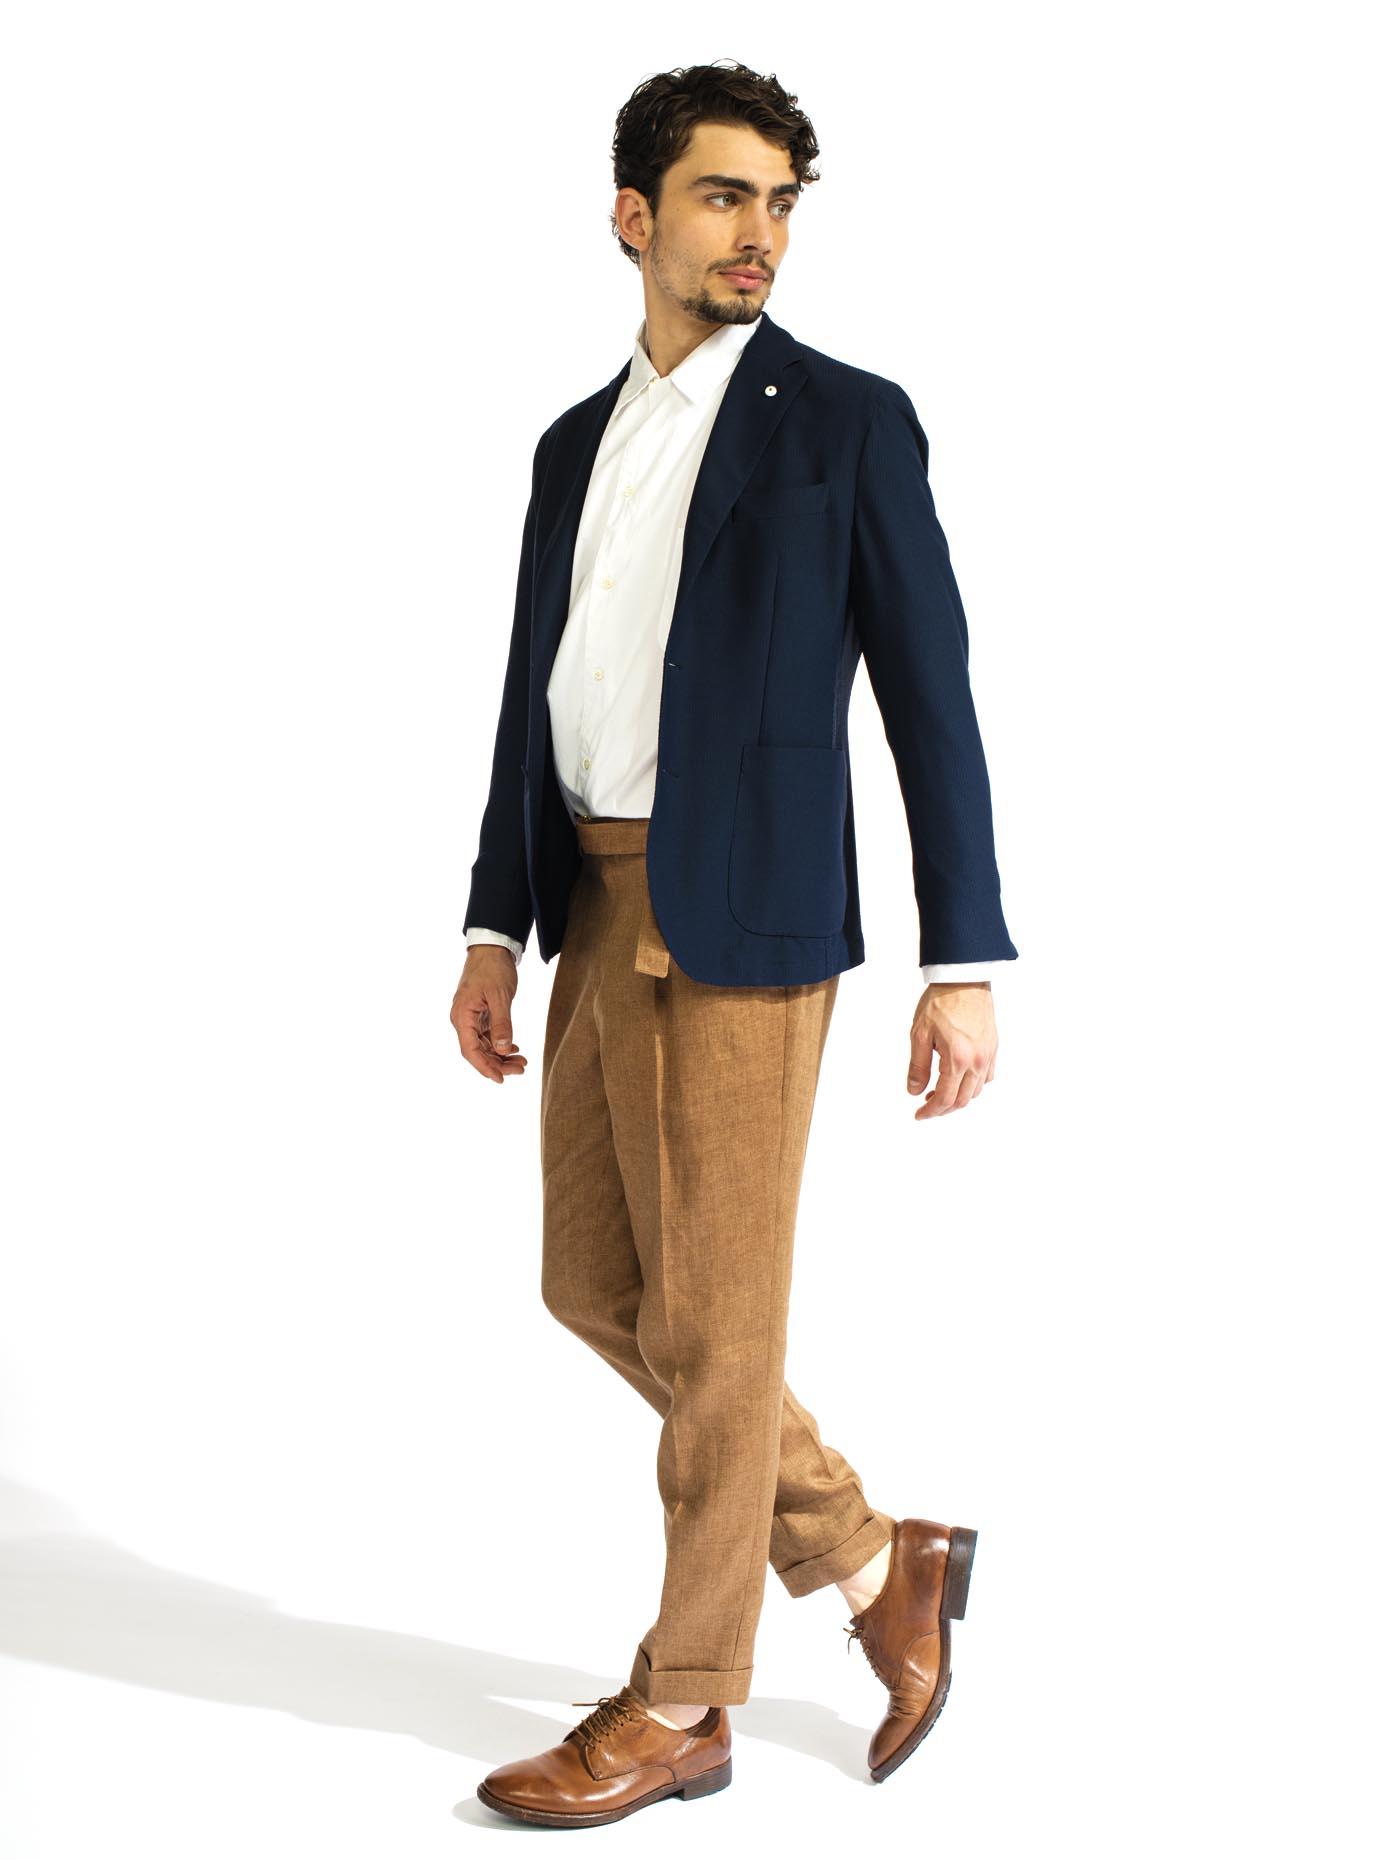 STYLE102 L.B.M.1911(エルビーエム1911)ジャケット、ASPESI(アスペジ)のシャツ、BRIGLIA1949(ブリリア1949)のパンツで仕上げたタイリング